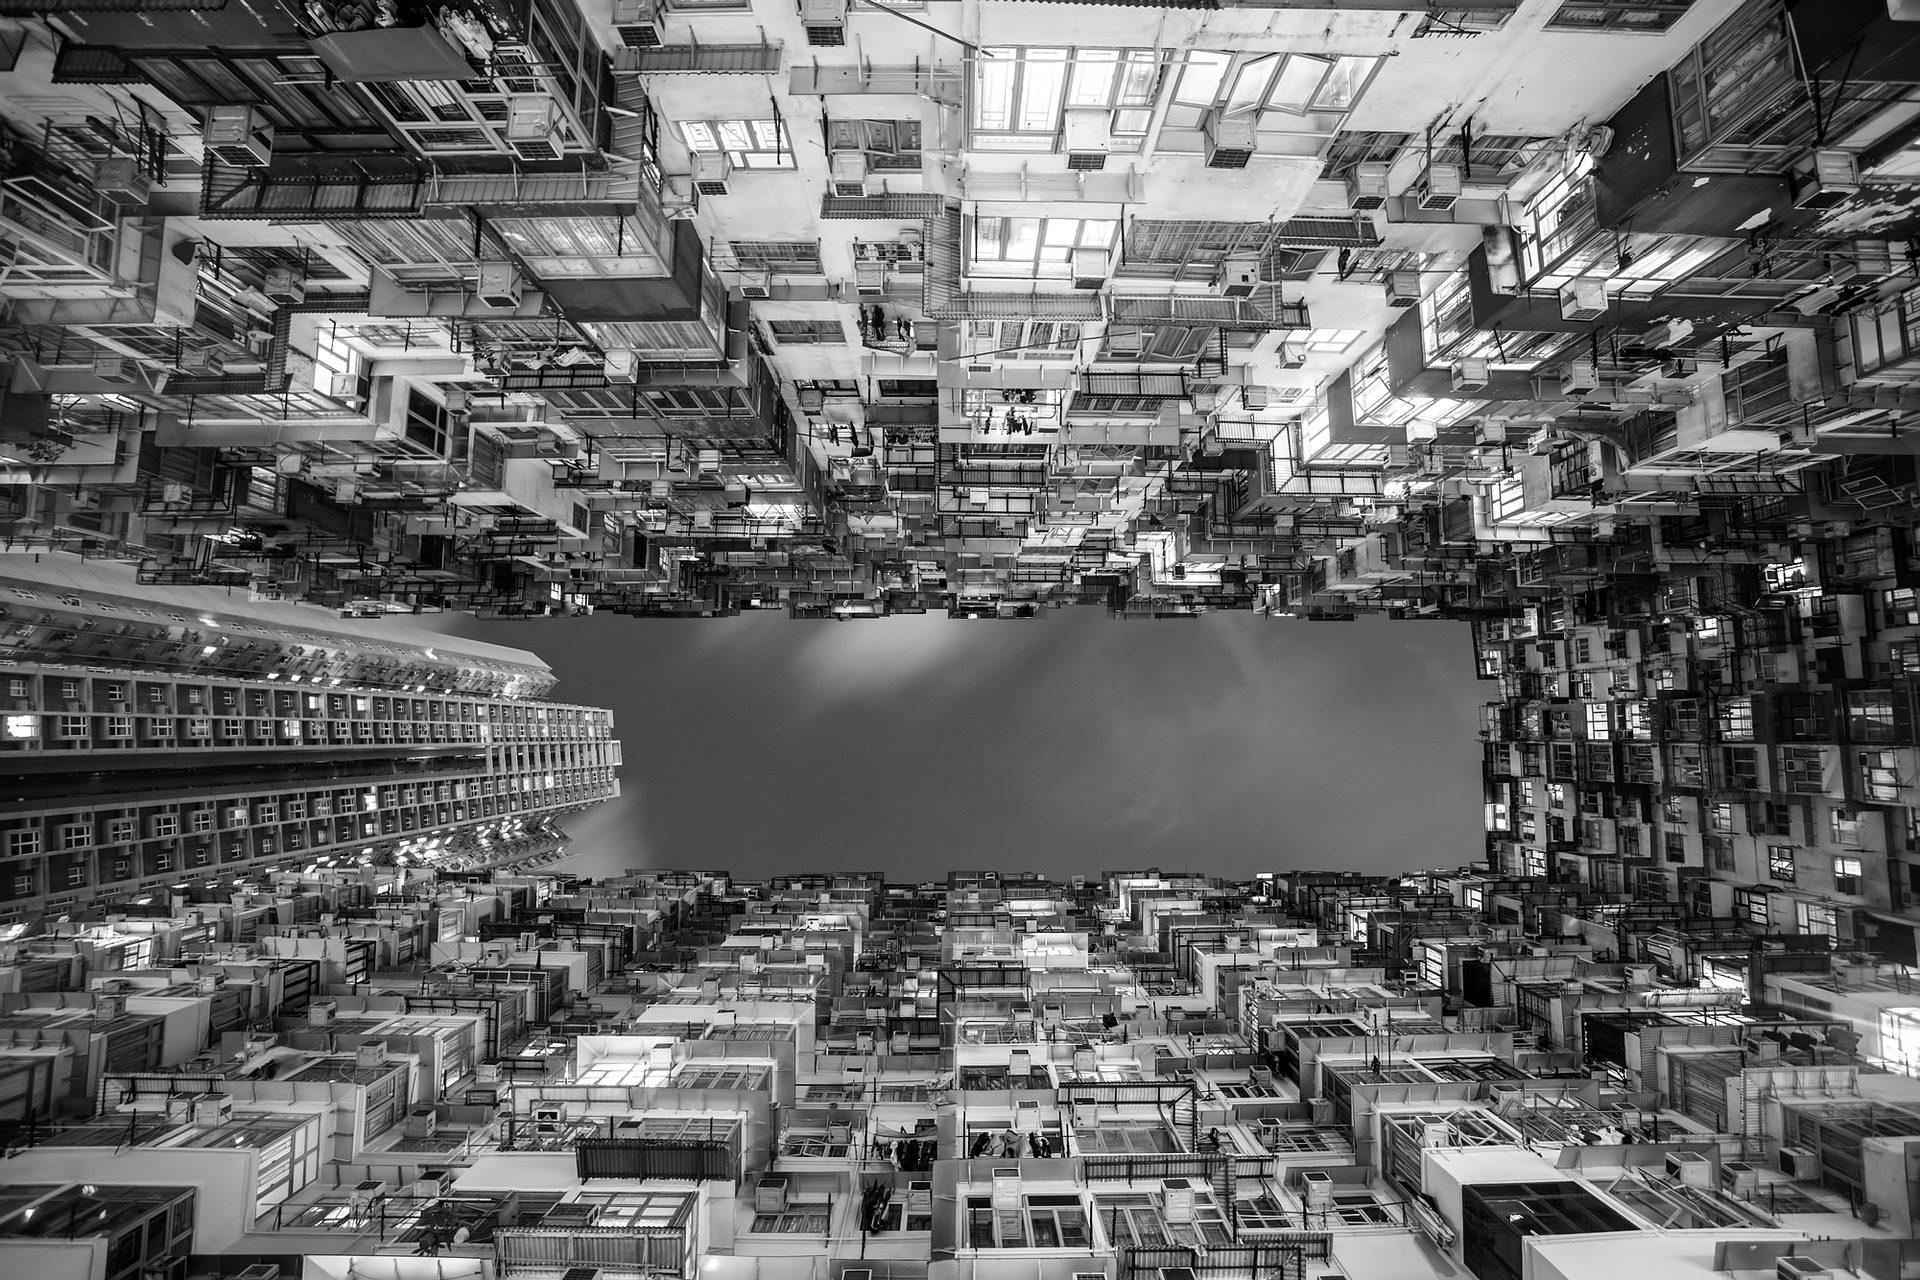 κτίρια, Κυψέλη, οικισμό, Διαμερίσματα, Χονγκ Κονγκ, σε μαύρο και άσπρο - Wallpapers HD - Professor-falken.com